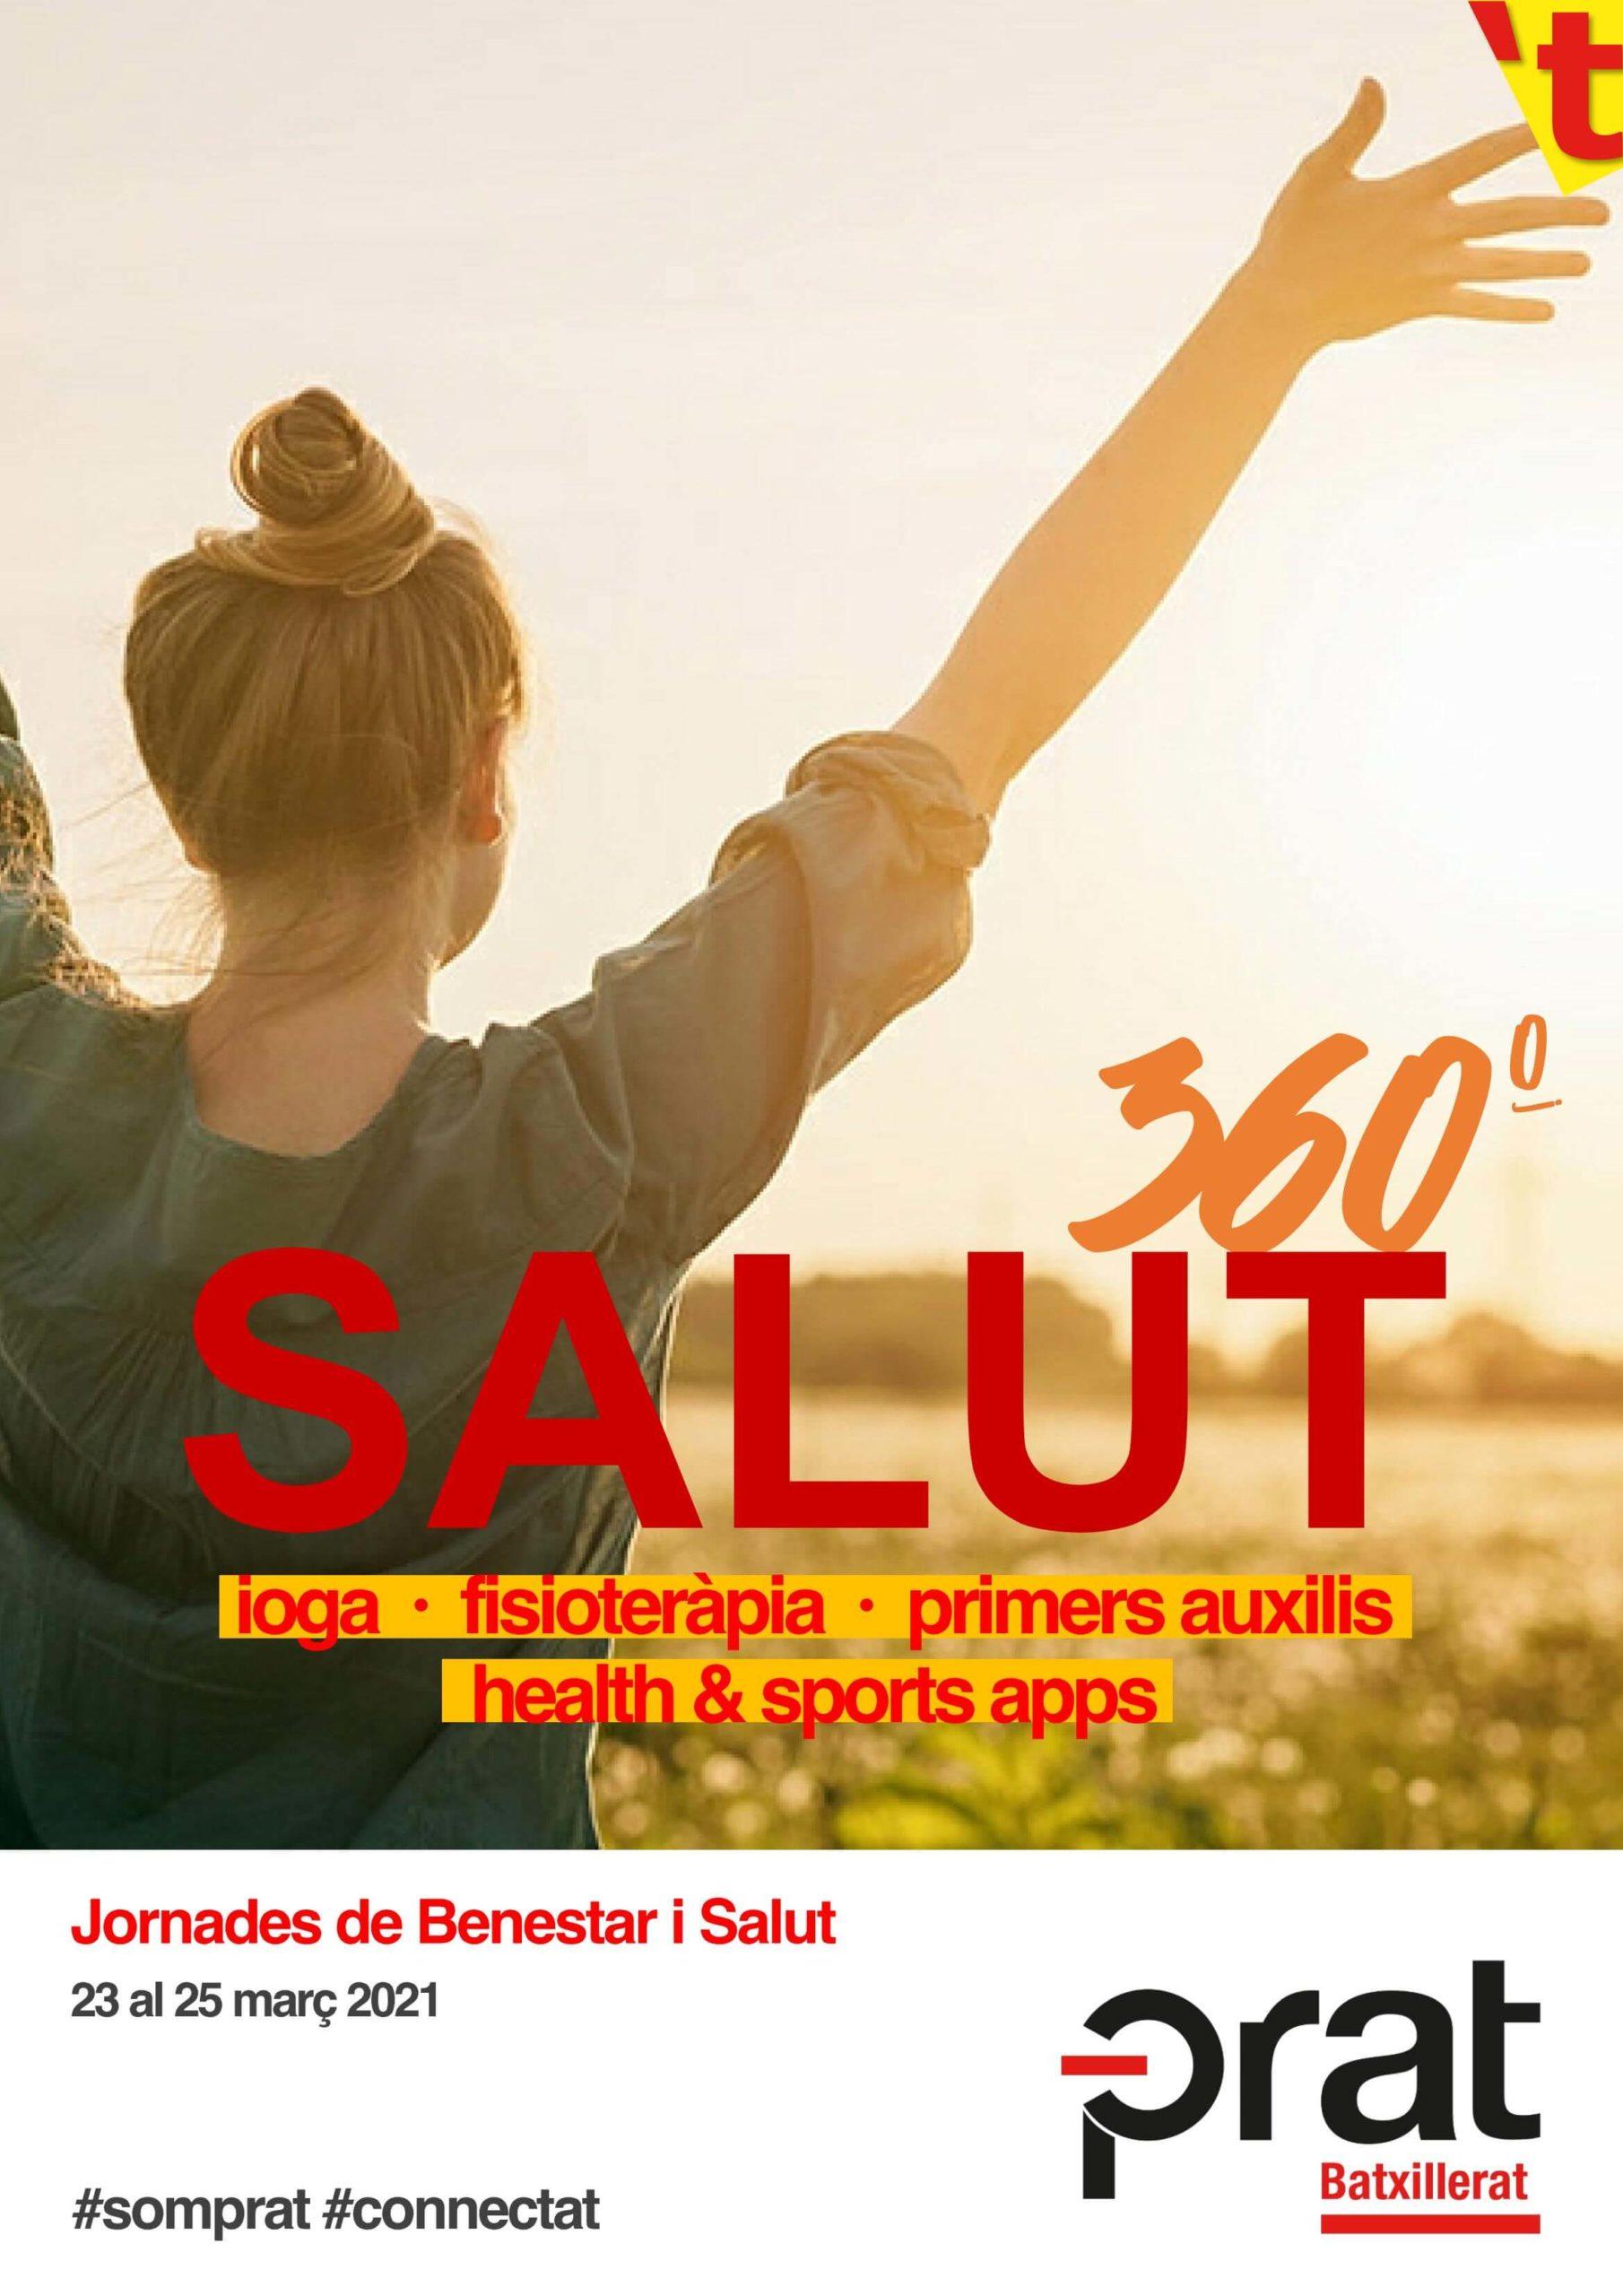 Jornades de Benestar i Salut: salut 360º - Batxillerat a Prat Educació